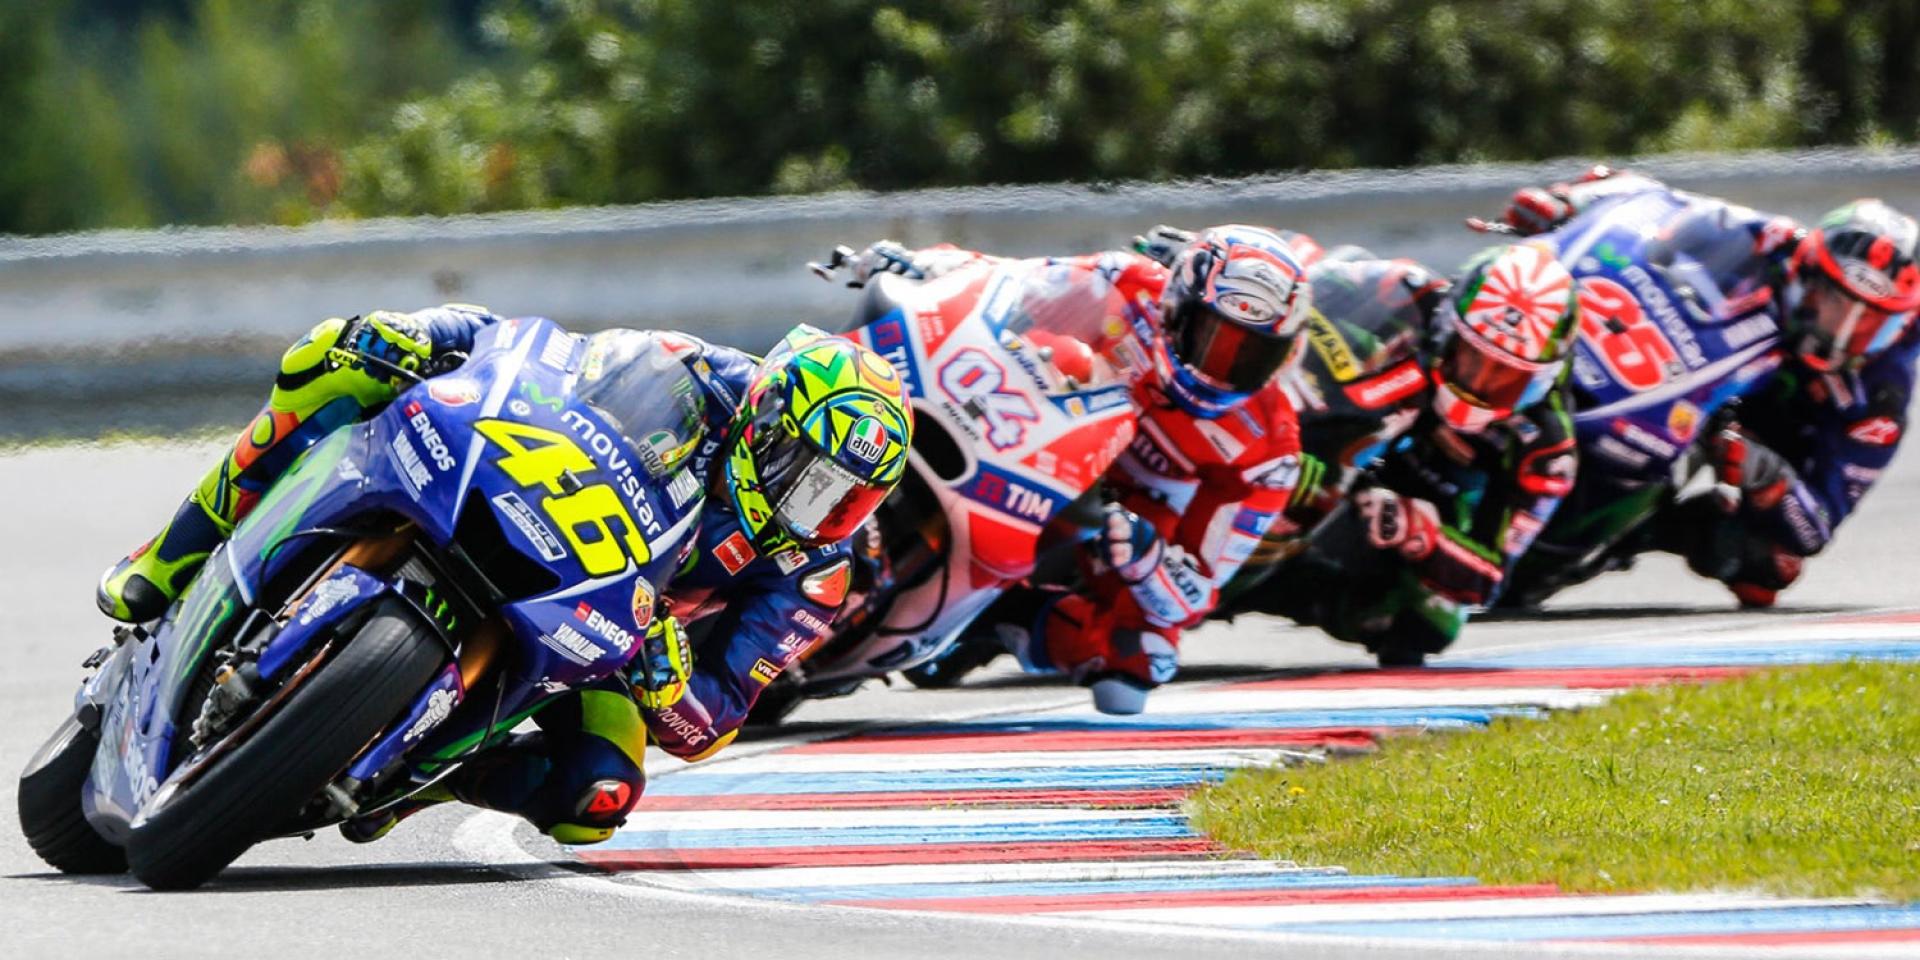 猴王的信心喊話。Rossi:「冠軍還有機會,剩下的比賽中我會將自己推到極限。」